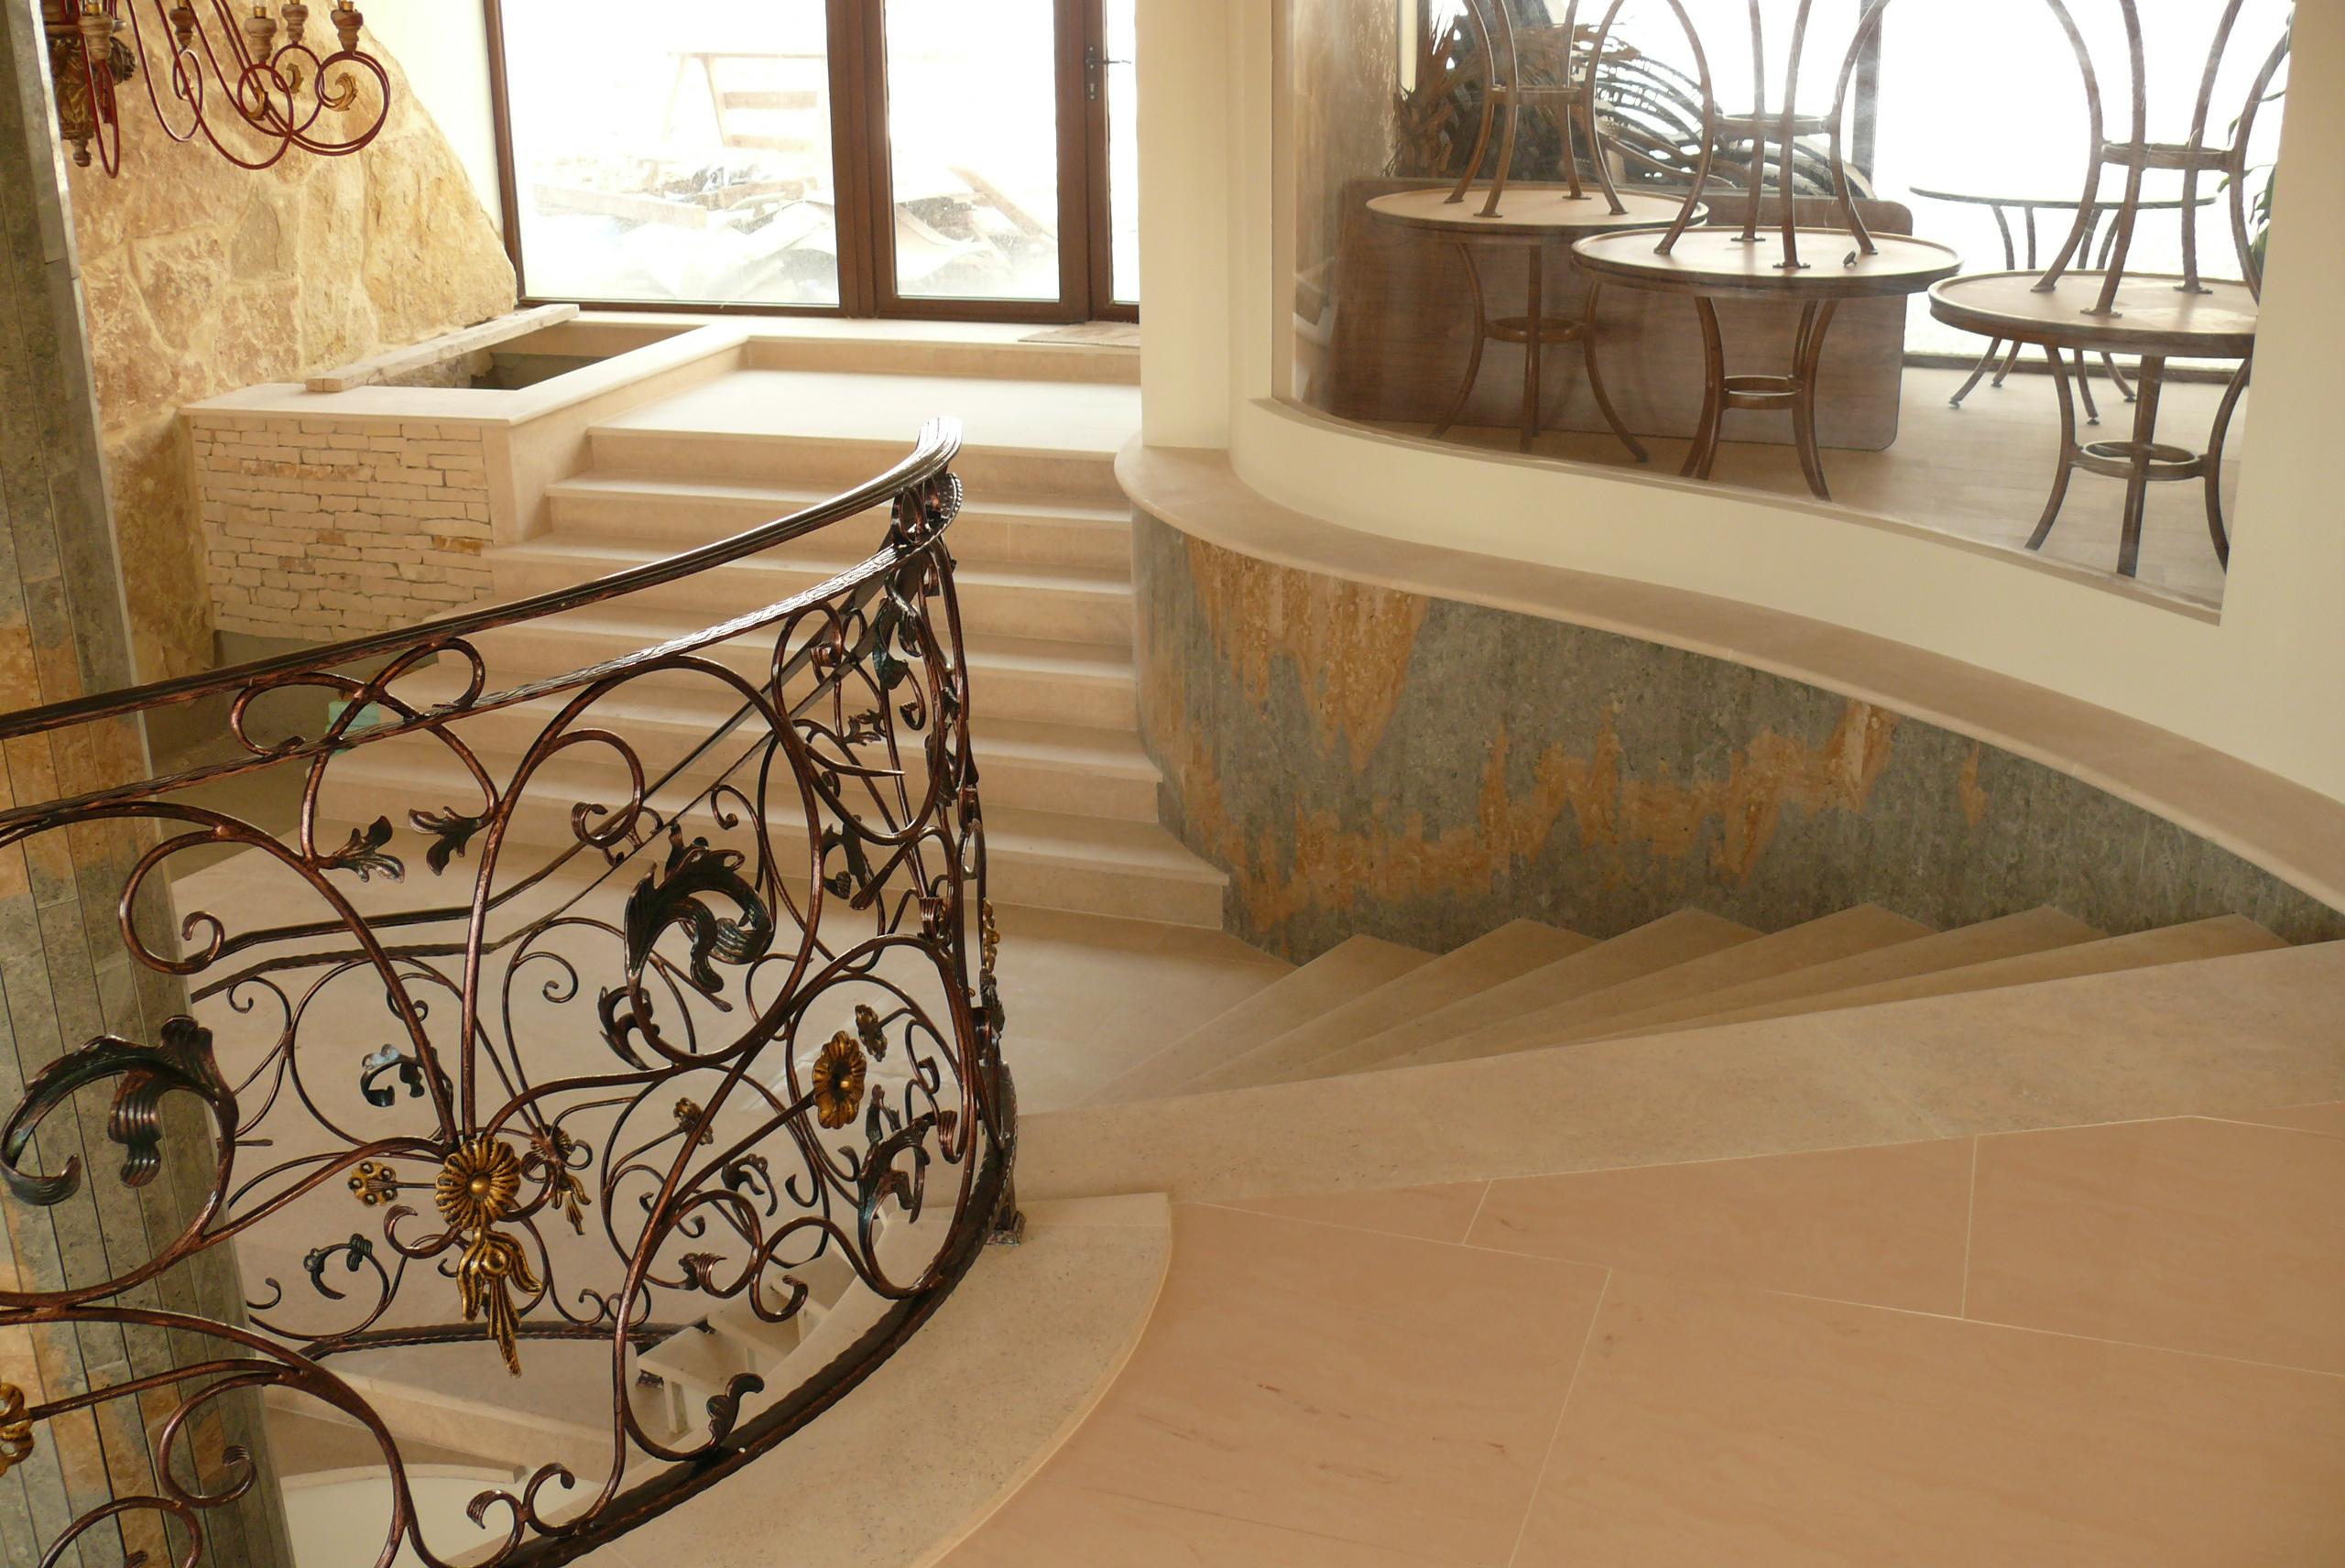 Trepte/Placaje din piatra naturala de Vistea LEVENTE COMPANIE - Poza 28